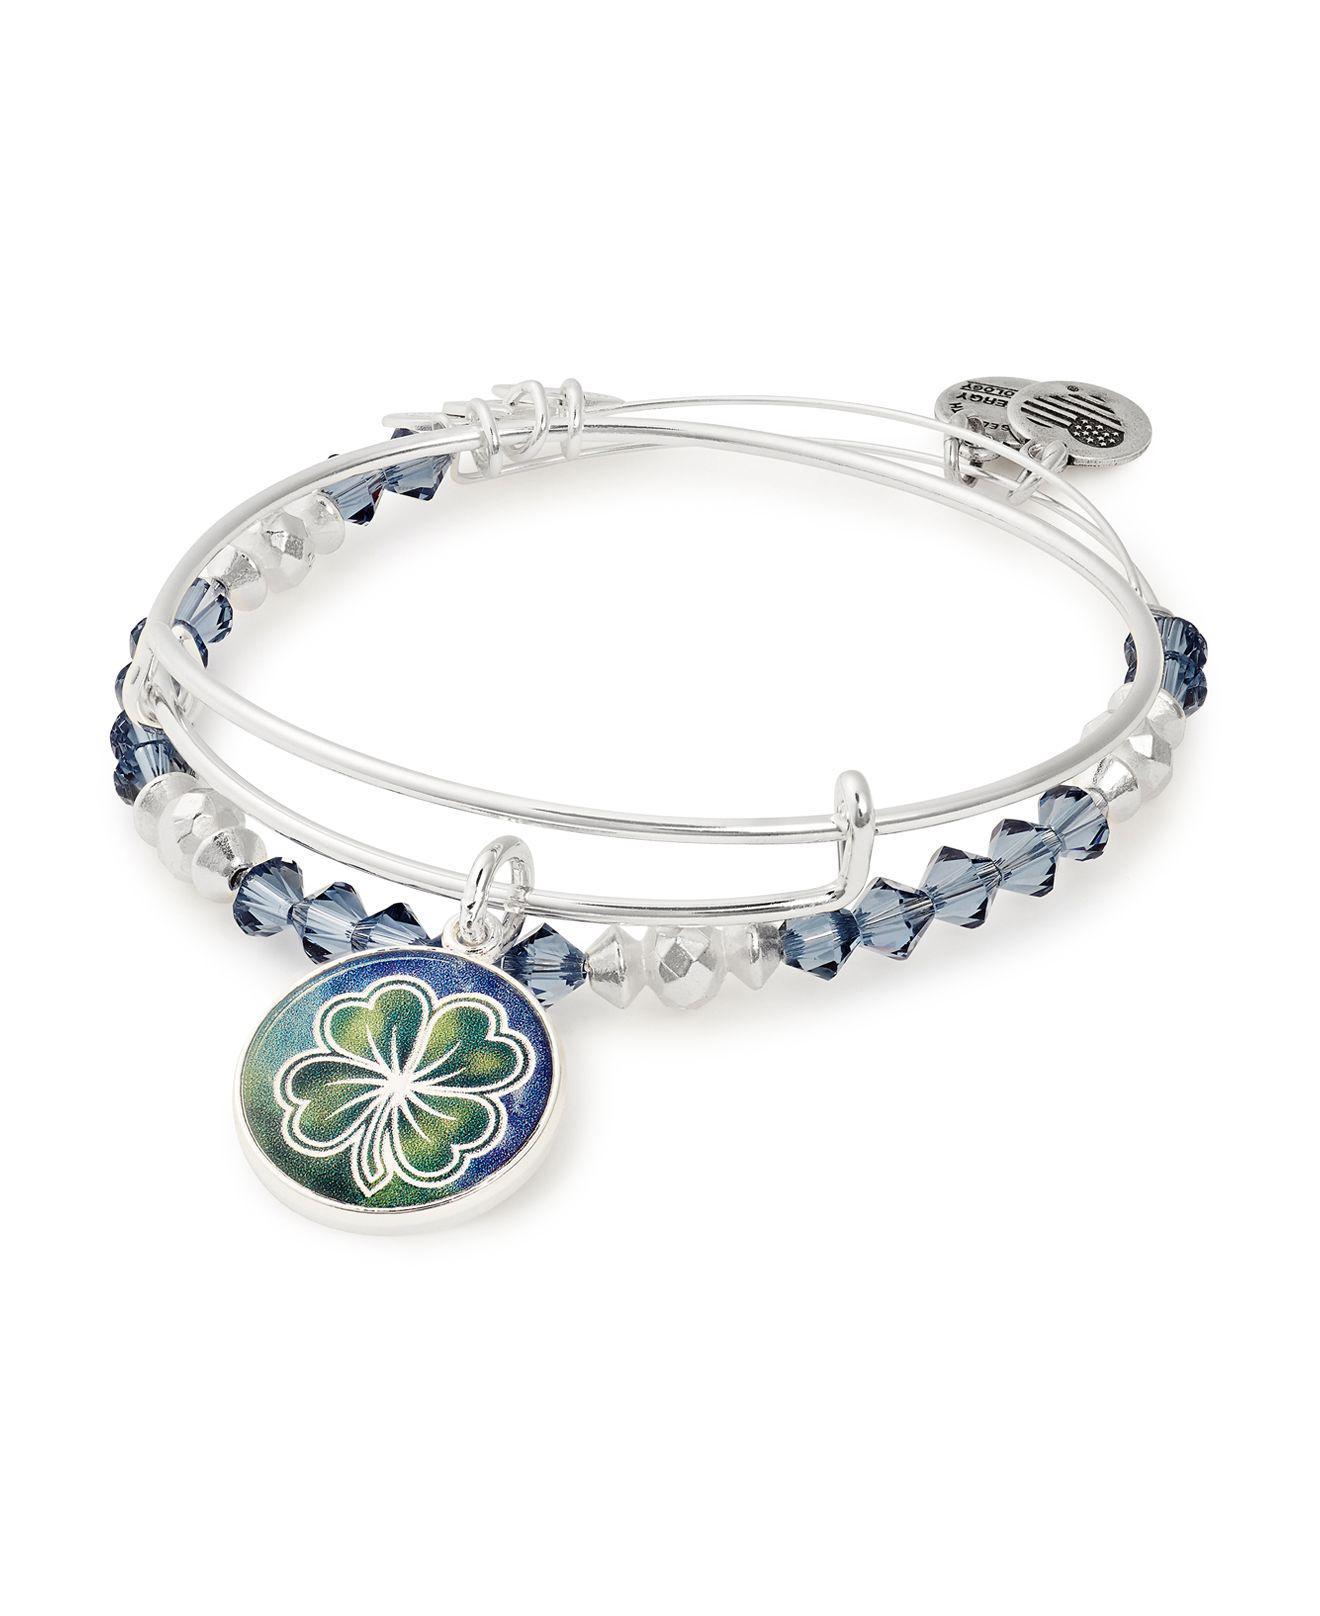 Alex And Ani Women S Blue Four Leaf Clover Expandable Bracelets